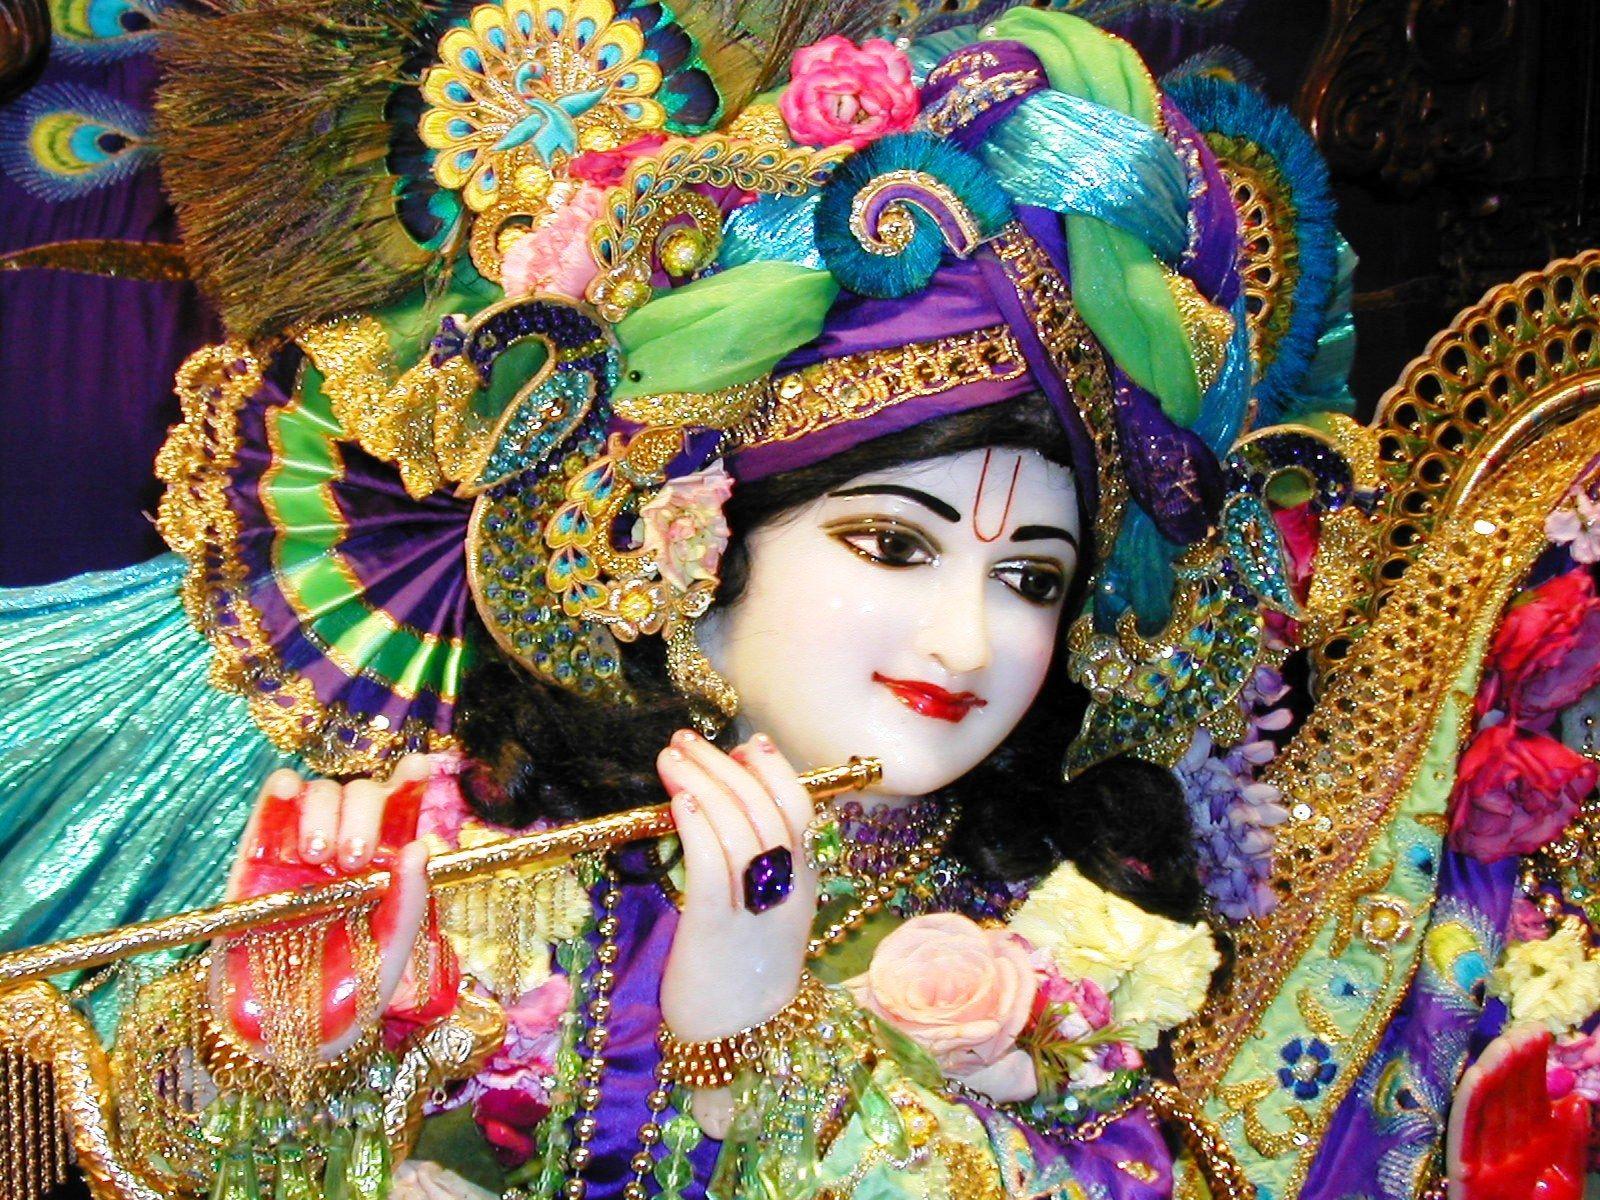 God Wallpaper Hd Group With 52 Items   Data-src /full/671589 - Krishna Bhagwan - HD Wallpaper